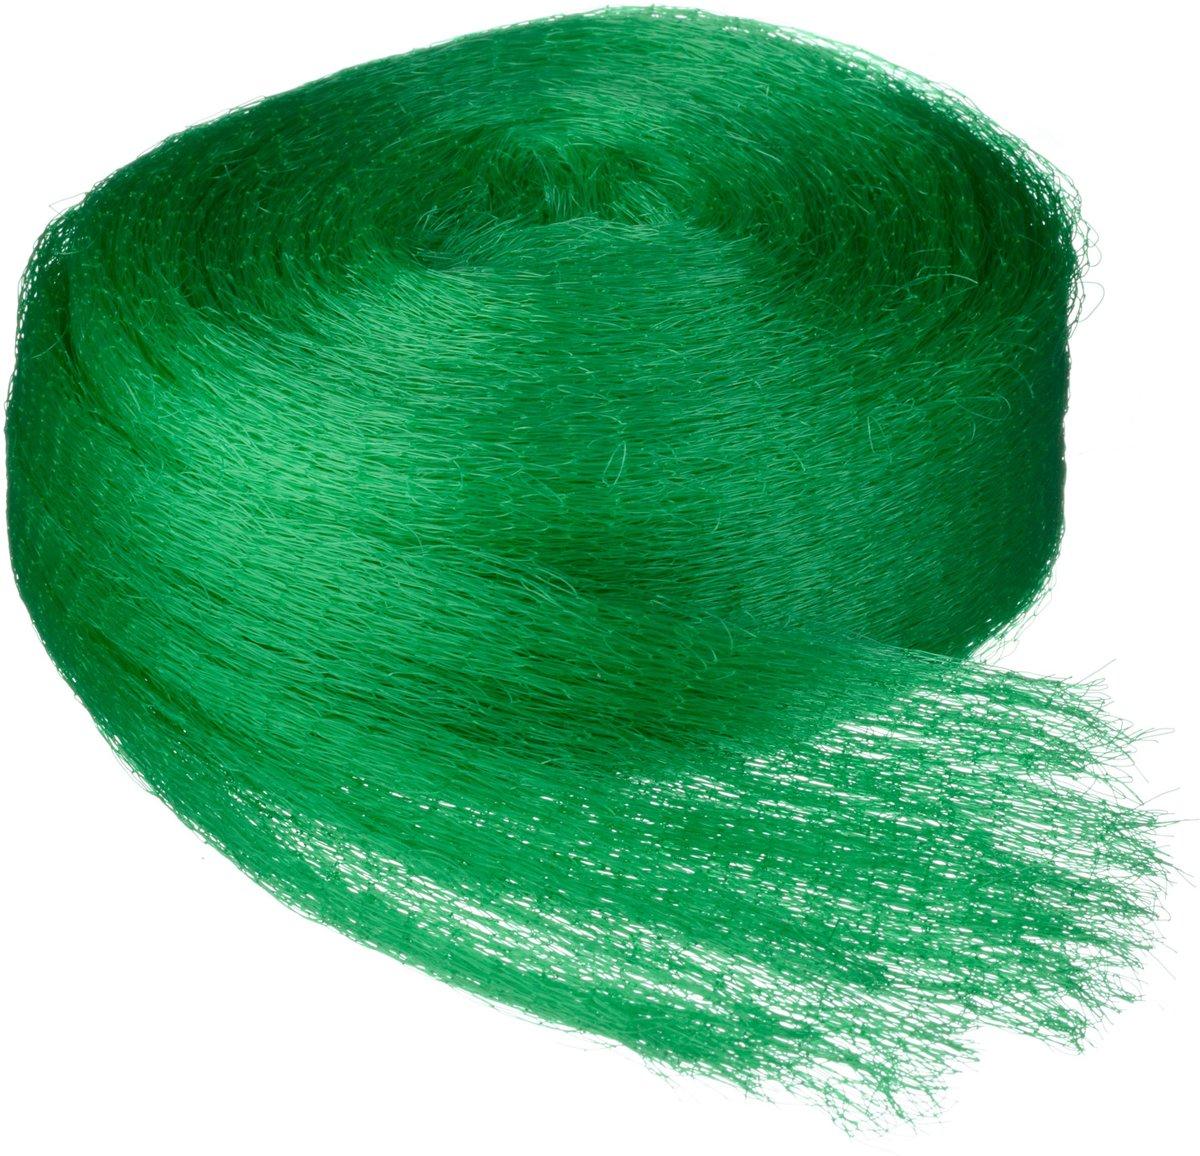 Tuinnet mono groen maaswijdte 6x6mm 7,5 g/m2 10x2m Nature